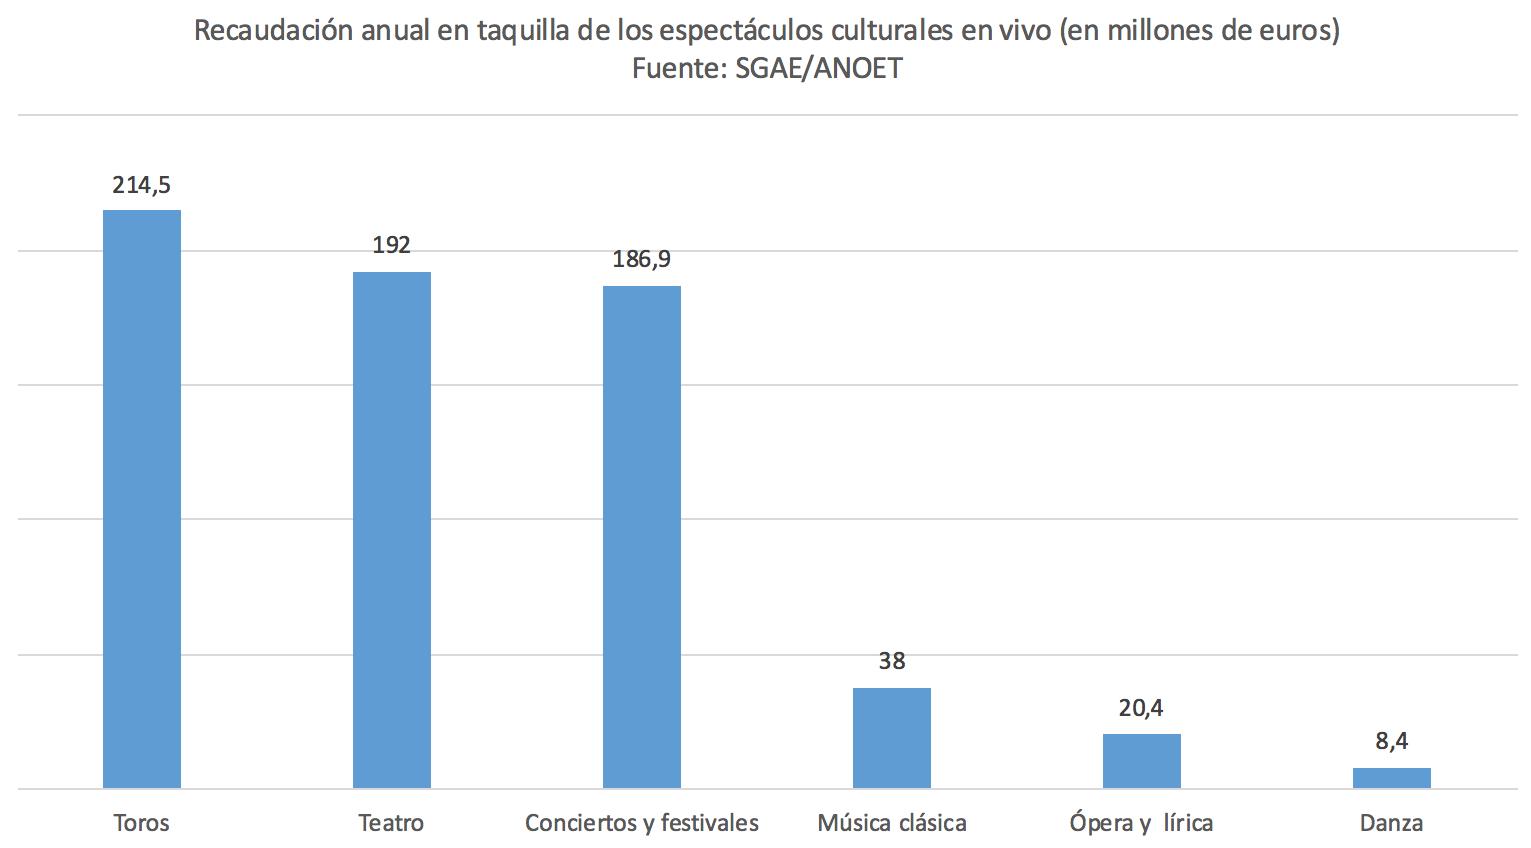 IVA-cultural-toros-teatro-conciertos-mus